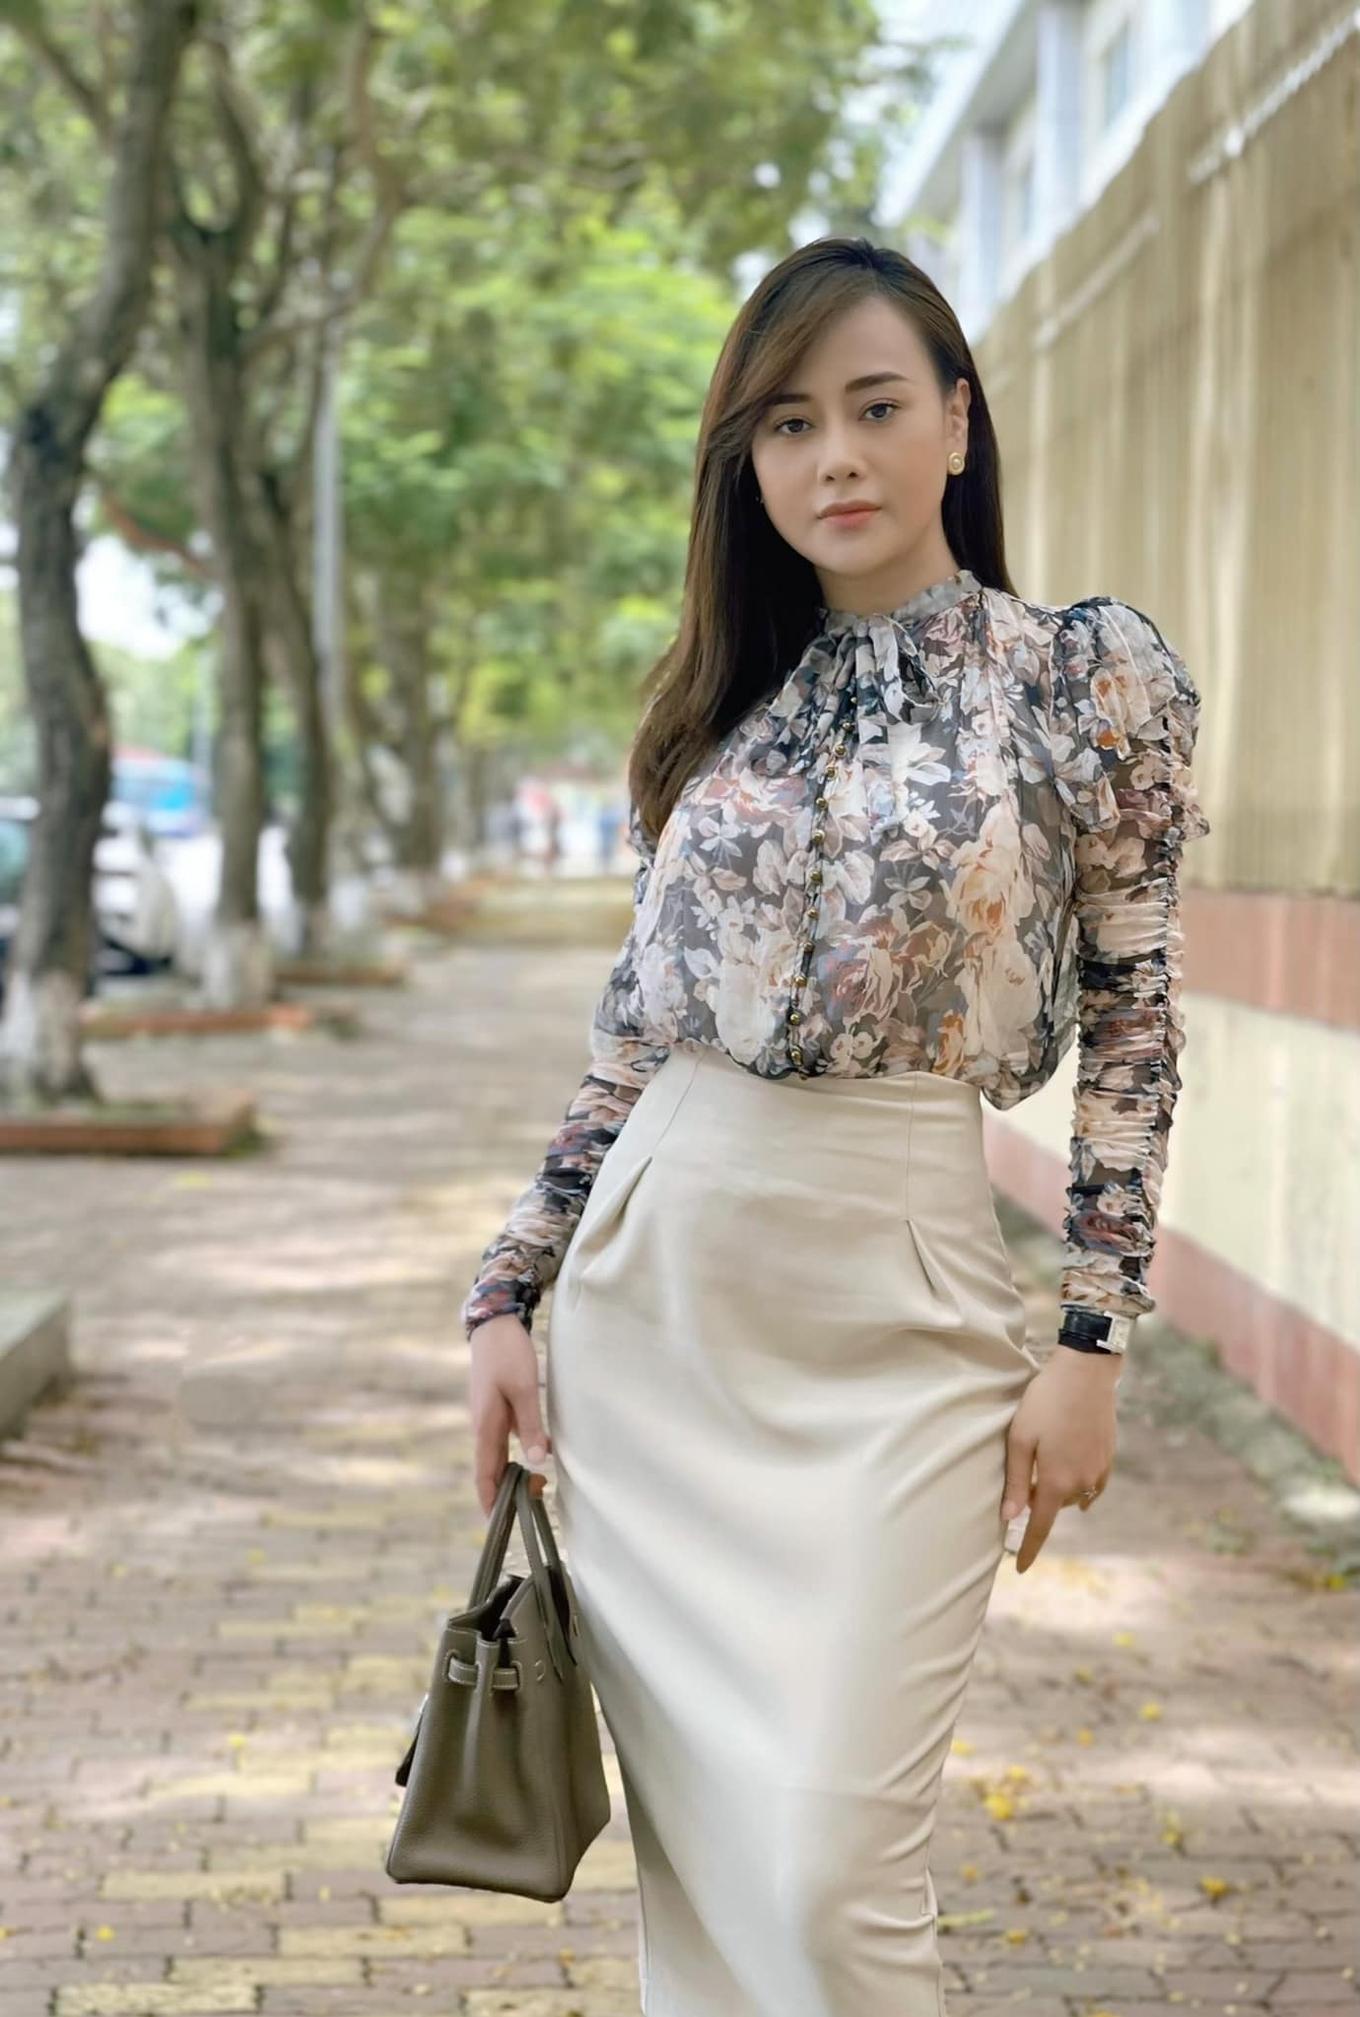 Thời trang gây tranh cãi của Phương Oanh trong Hương vị tình thân - 6